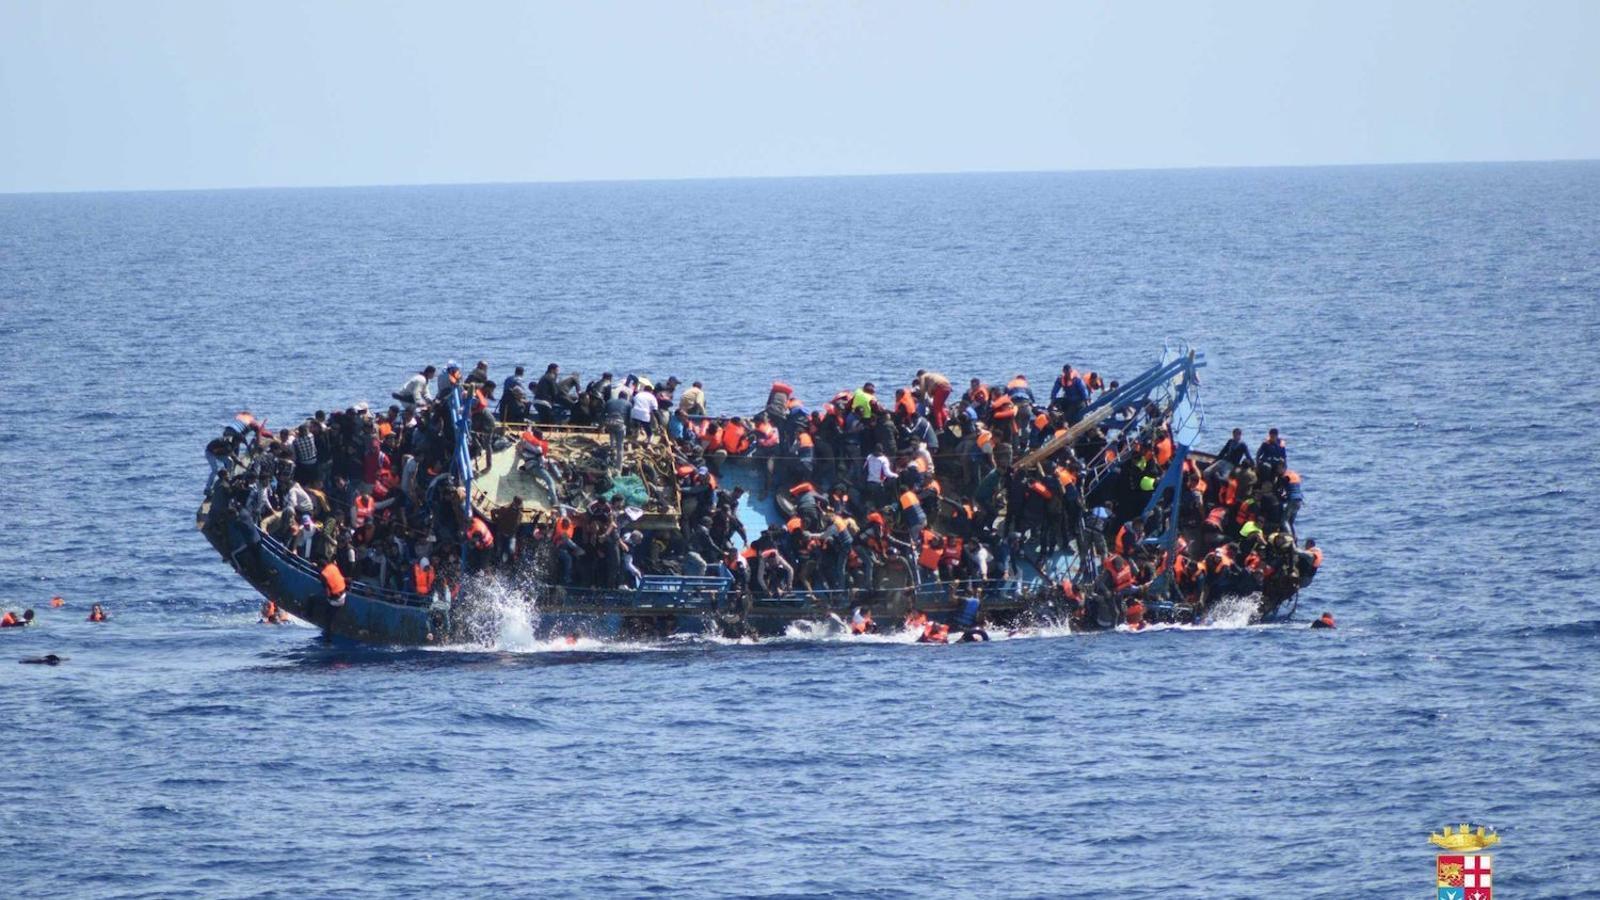 Imatges del rescat per la Marina Italiana